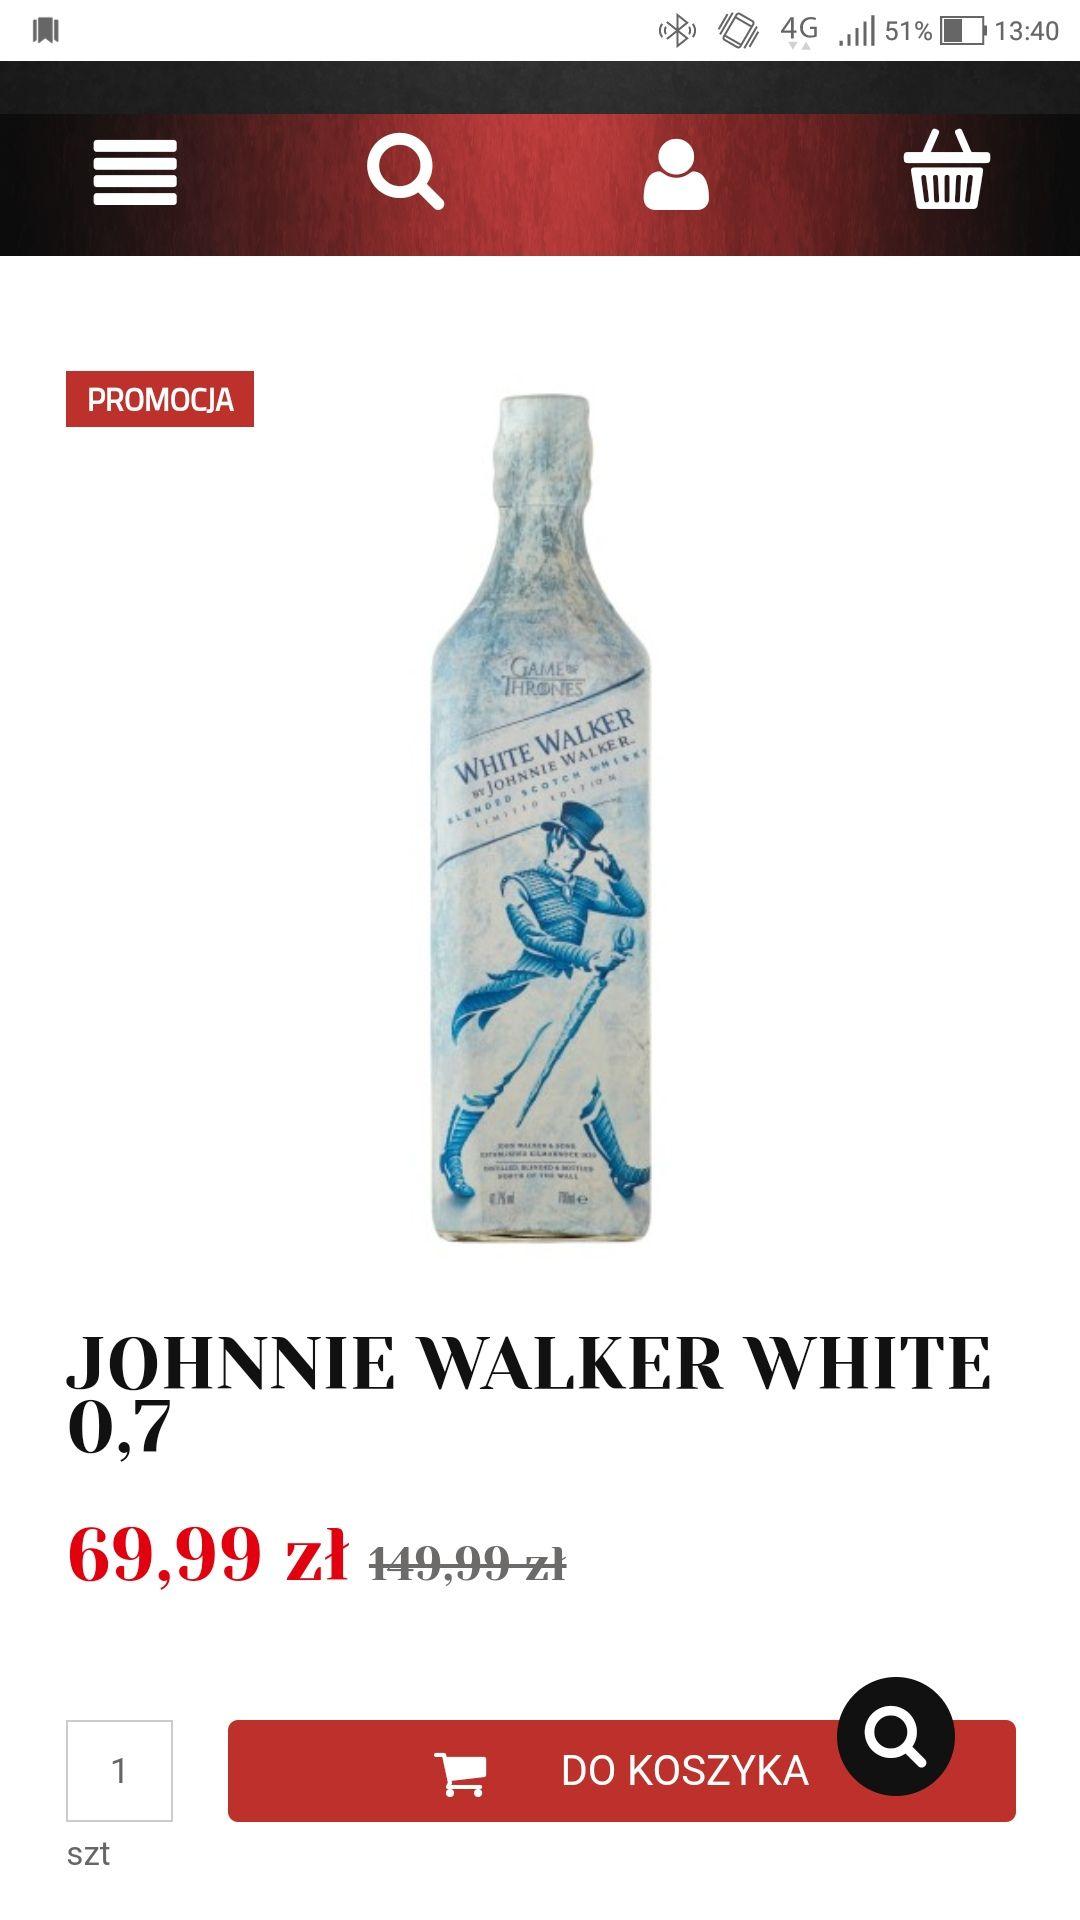 JOHNNIE WALKER WHITE 0,7